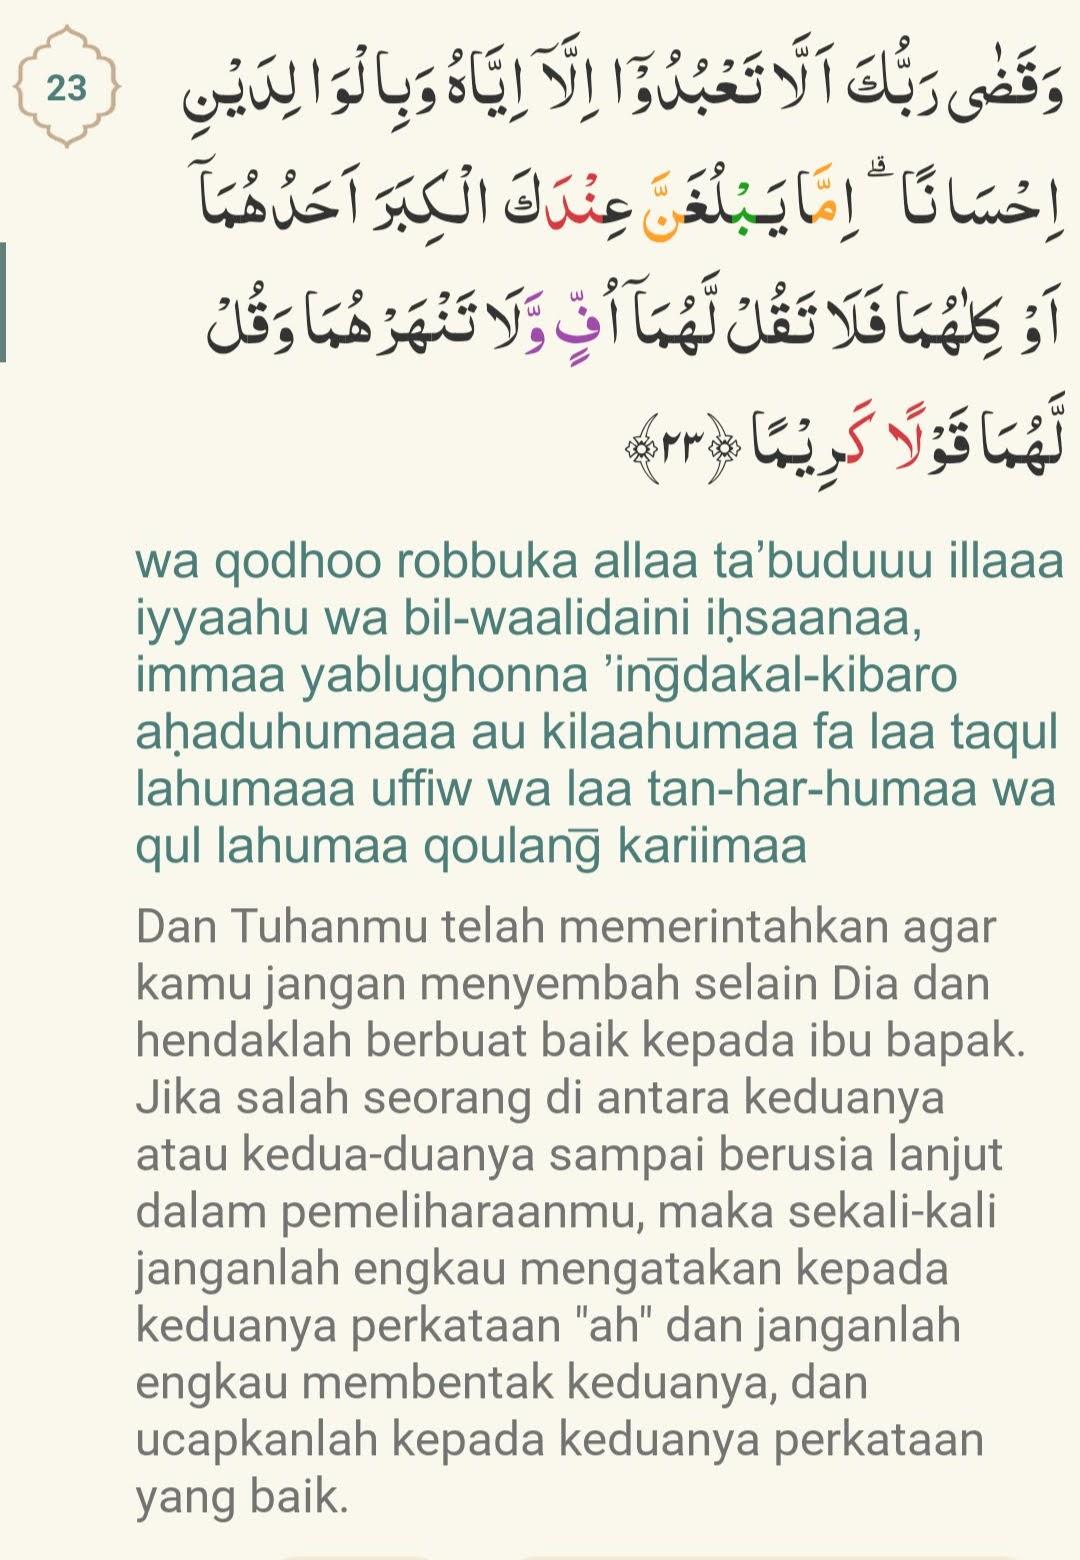 Soal latihan agama Islam kelas 8 smp kurikulum 2013